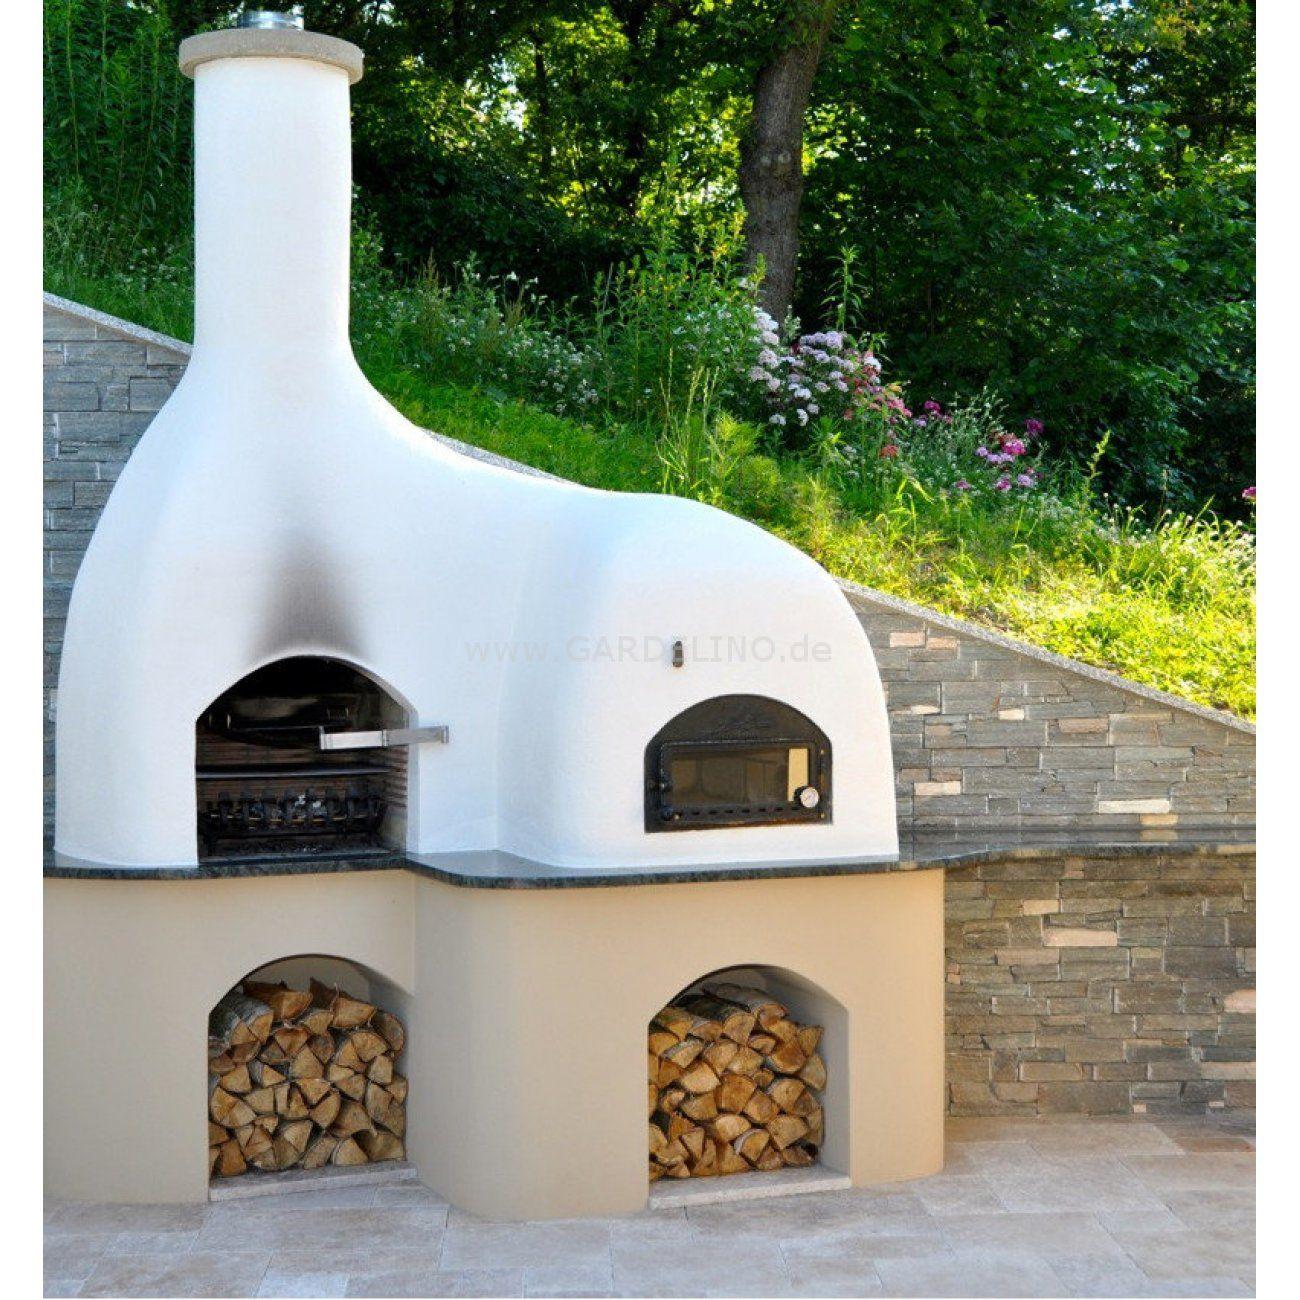 Schicker Moderner Direkt Befeuerter Pizzaofen Mit Grill In Garten Stylish And Modern Direct Fired Pizza O Pizzaofen Garten Grillkamin Selber Bauen Pizzaofen